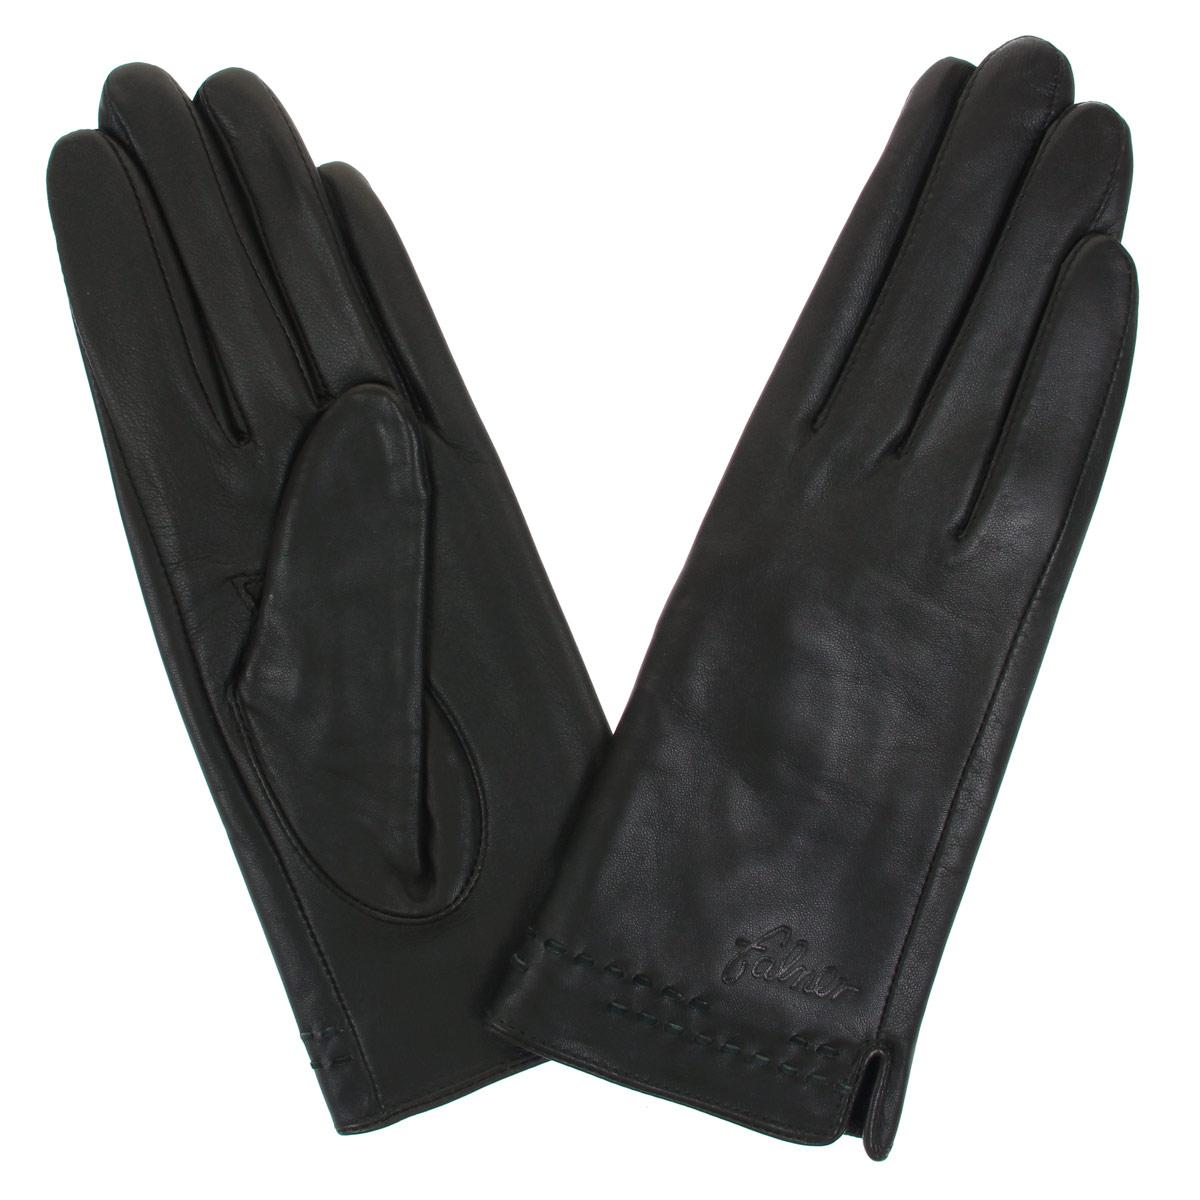 Перчатки женские. L-14L-14Стильные женские перчатки Falner заинтригуют любого мужчину и заставят завидовать любую женщину. Они не только защитят ваши руки от холода, но и станут великолепным украшением. Модель изготовлена из мягкой натуральной кожи с флисовой подкладкой. На лицевой стороне изделие оформлено оригинальными стежками и тиснением в виде названия бренда. На внешнем боку имеется небольшой разрез. Перчатки являются неотъемлемой принадлежностью одежды, вместе с этим аксессуаром вы обретаете женственность и элегантность. Они станут завершающим и подчеркивающим элементом вашего неповторимого стиля и индивидуальности.